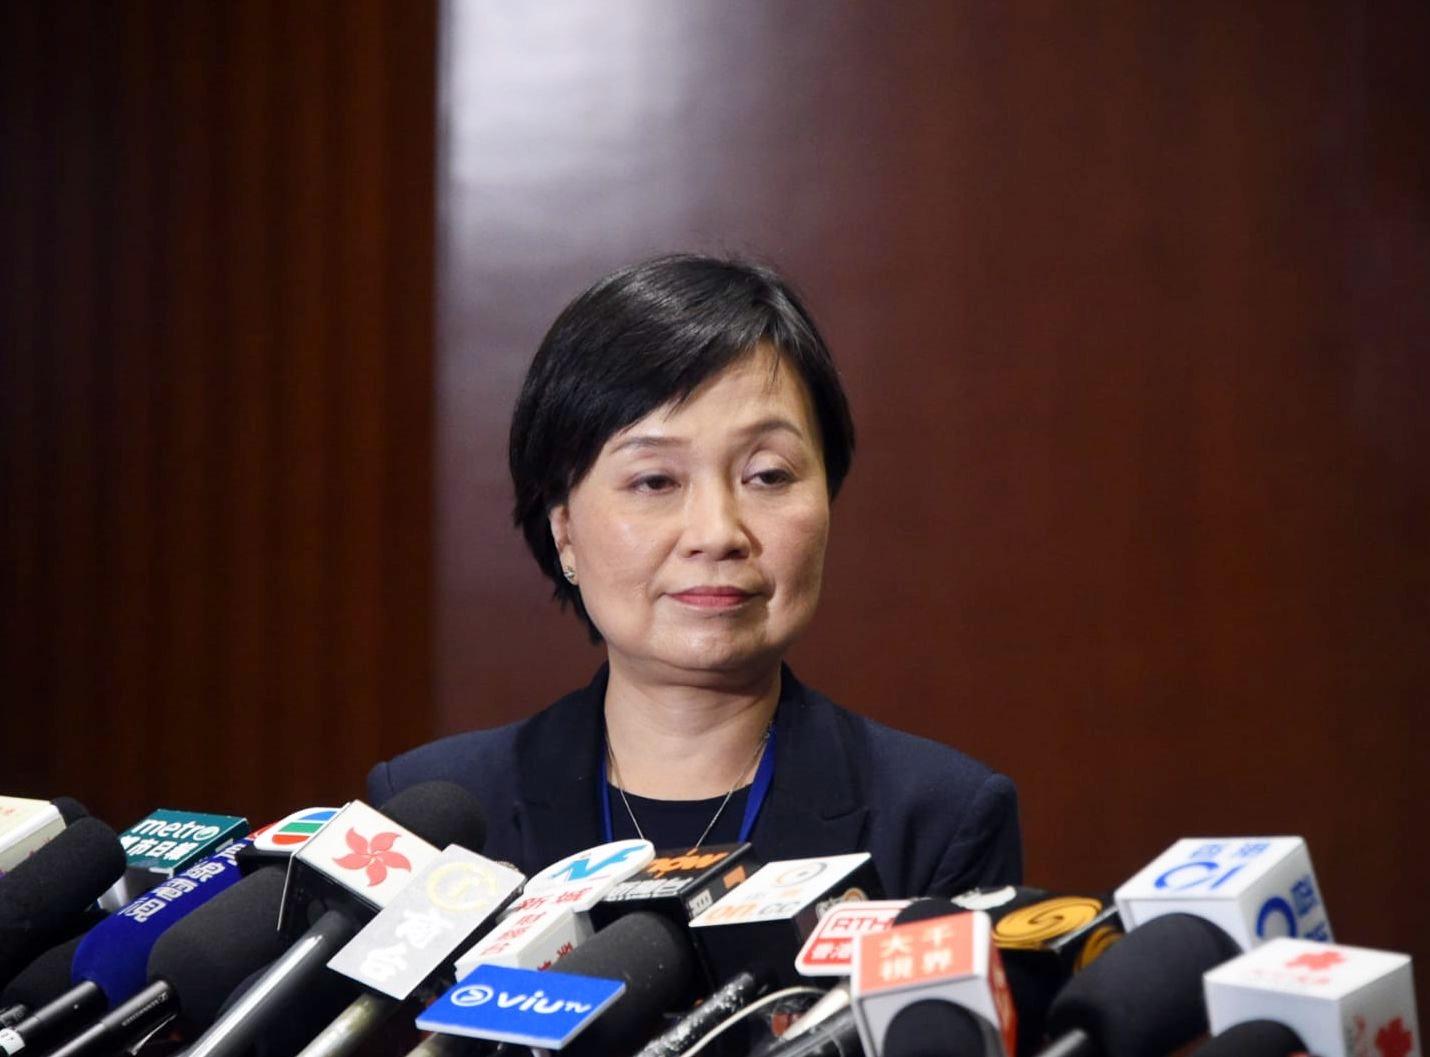 蔡若蓮重申,當局反對罷課。